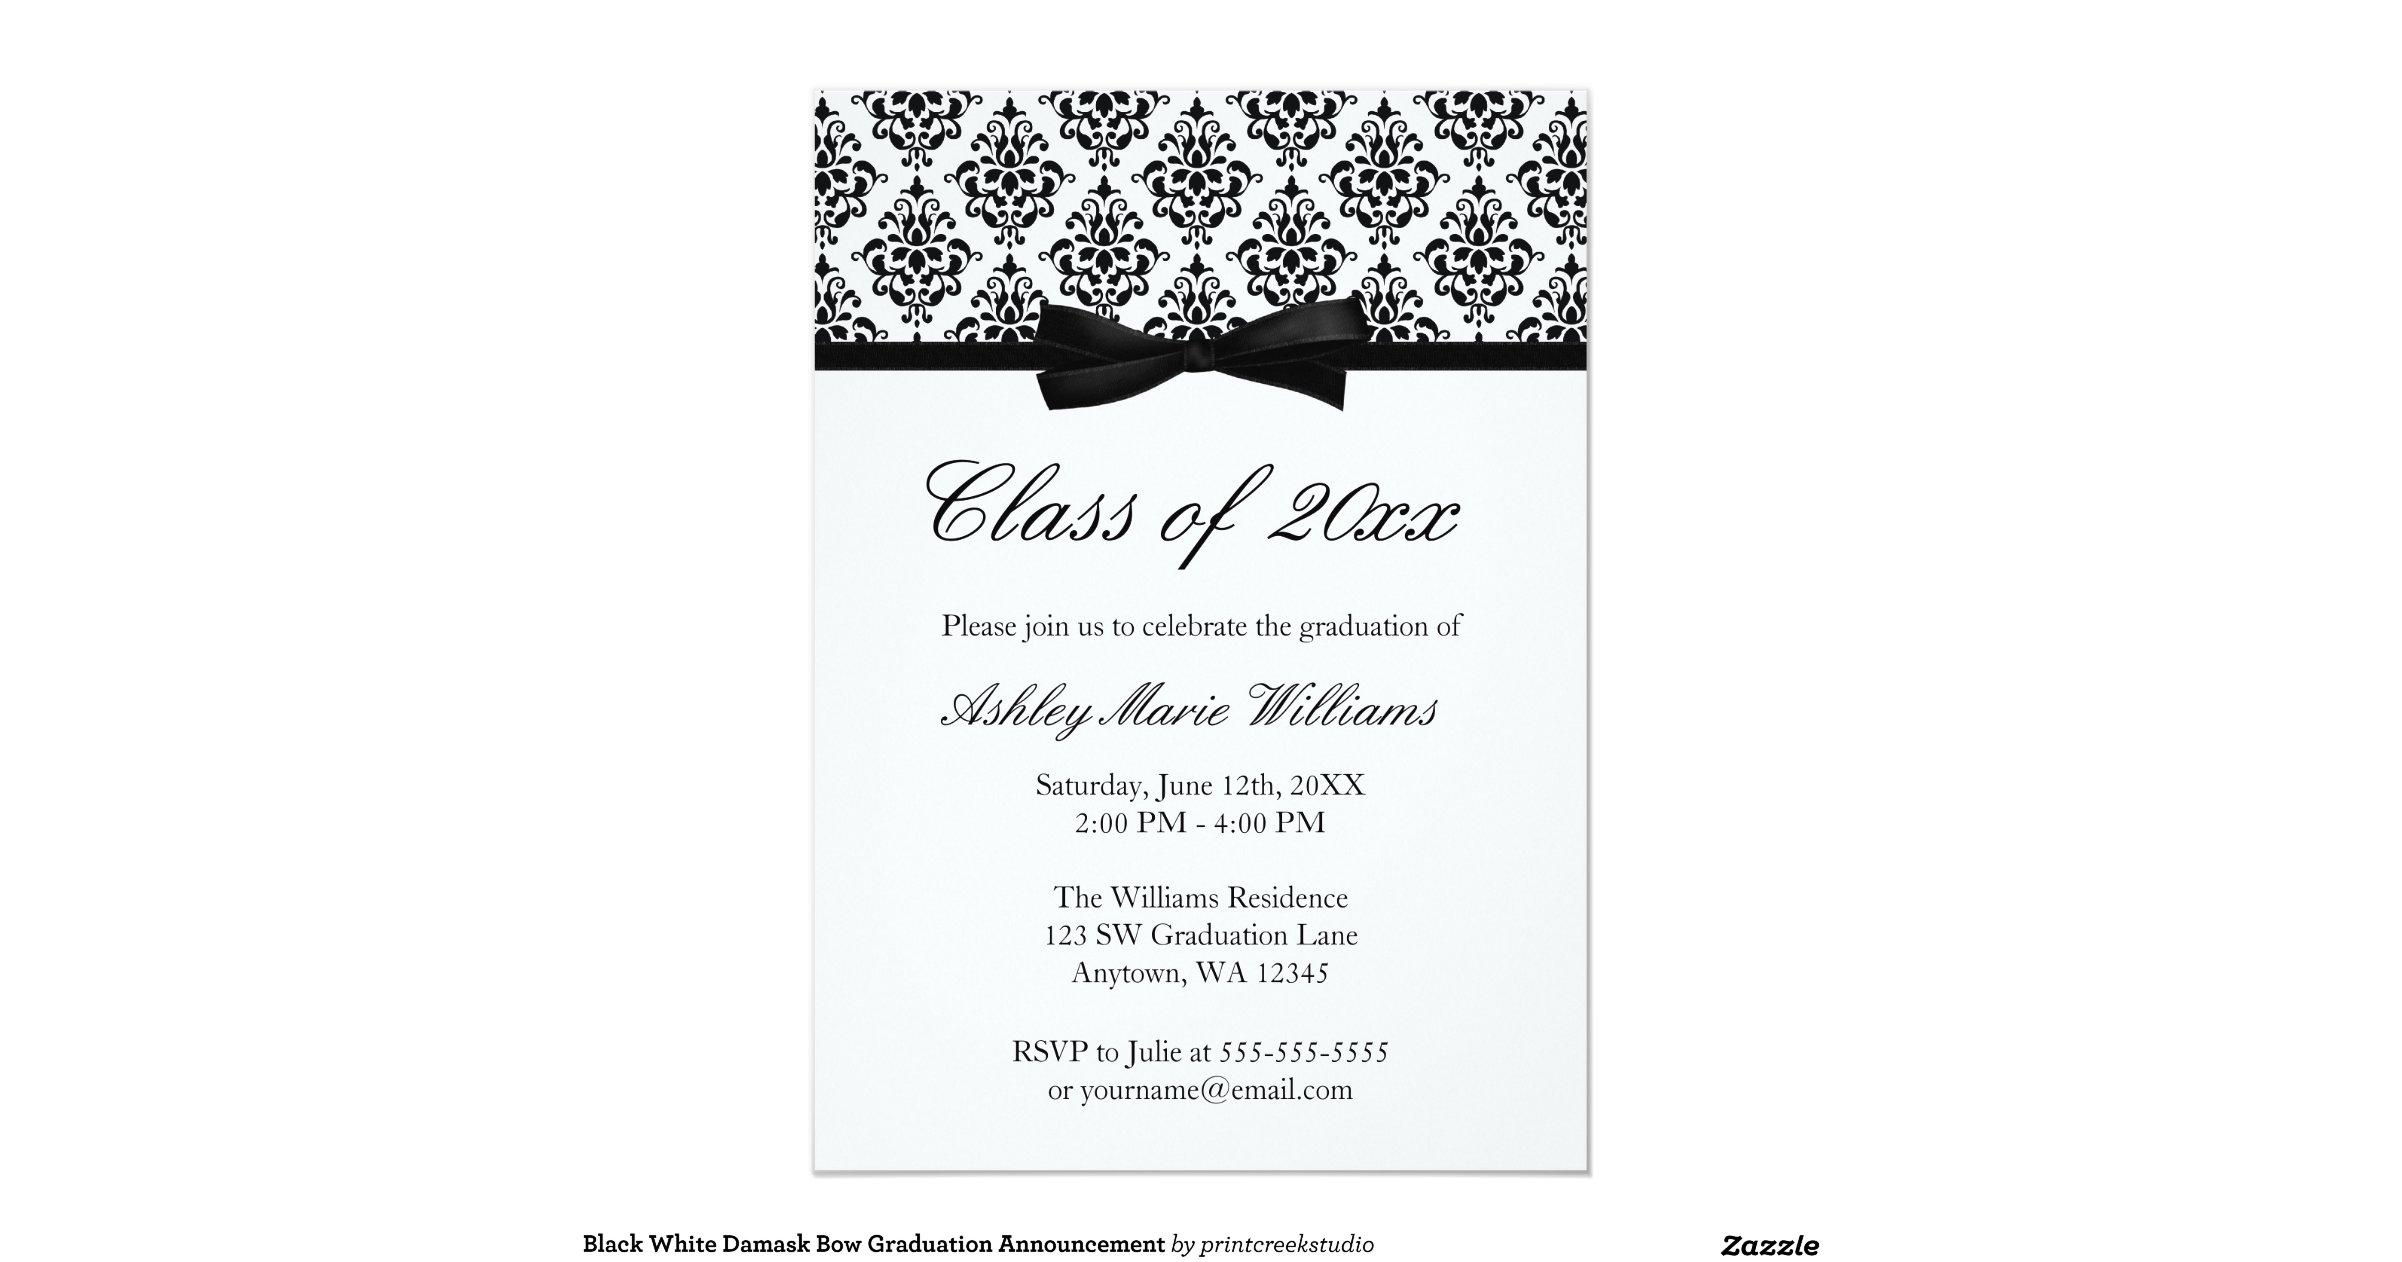 black_white_damask_bow_graduation_announcement